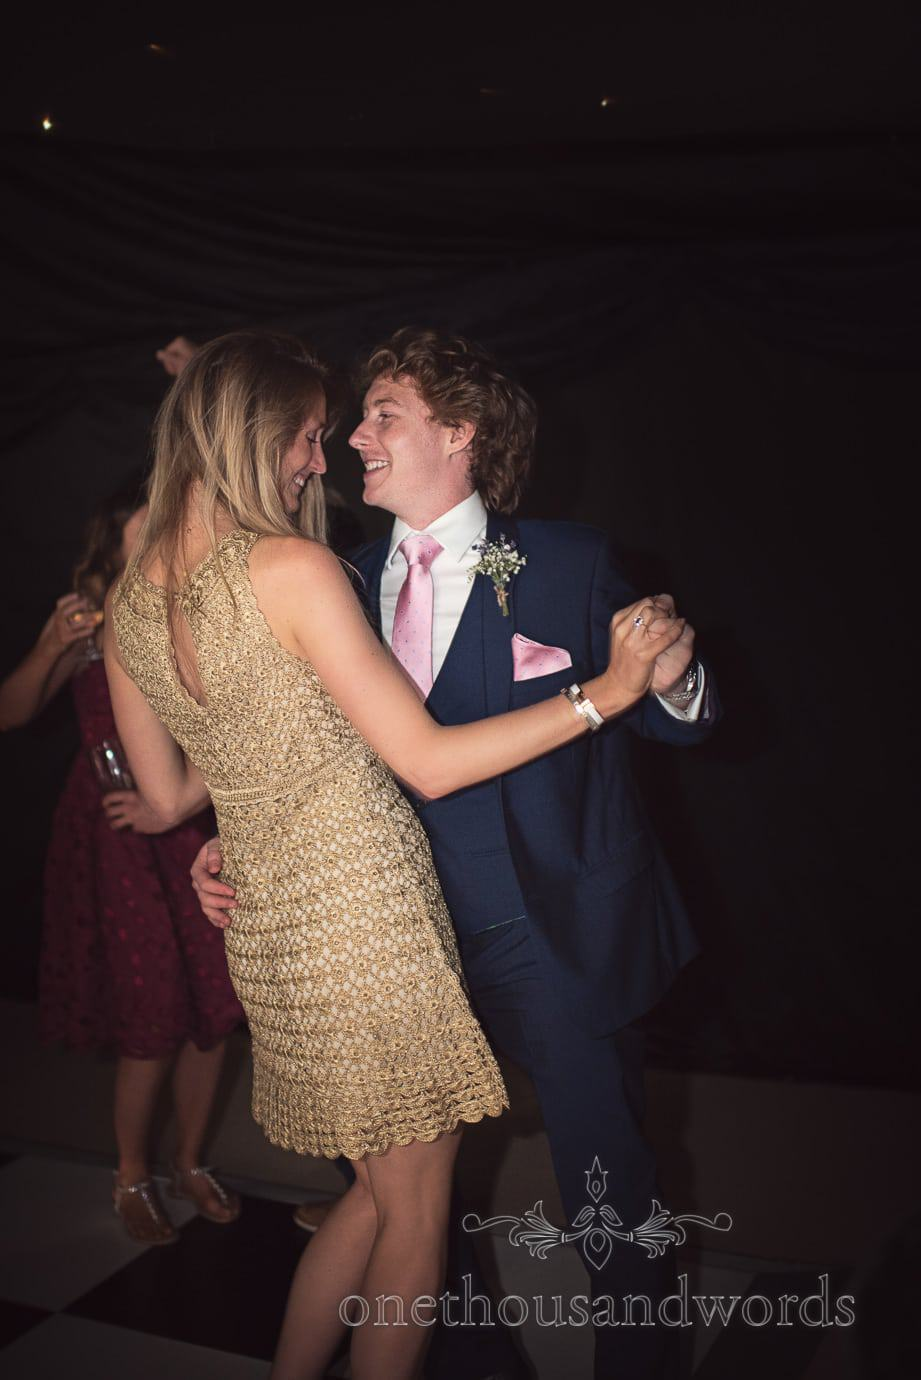 Groomsman in blue wedding suit dances with partner on black marquee dance floor